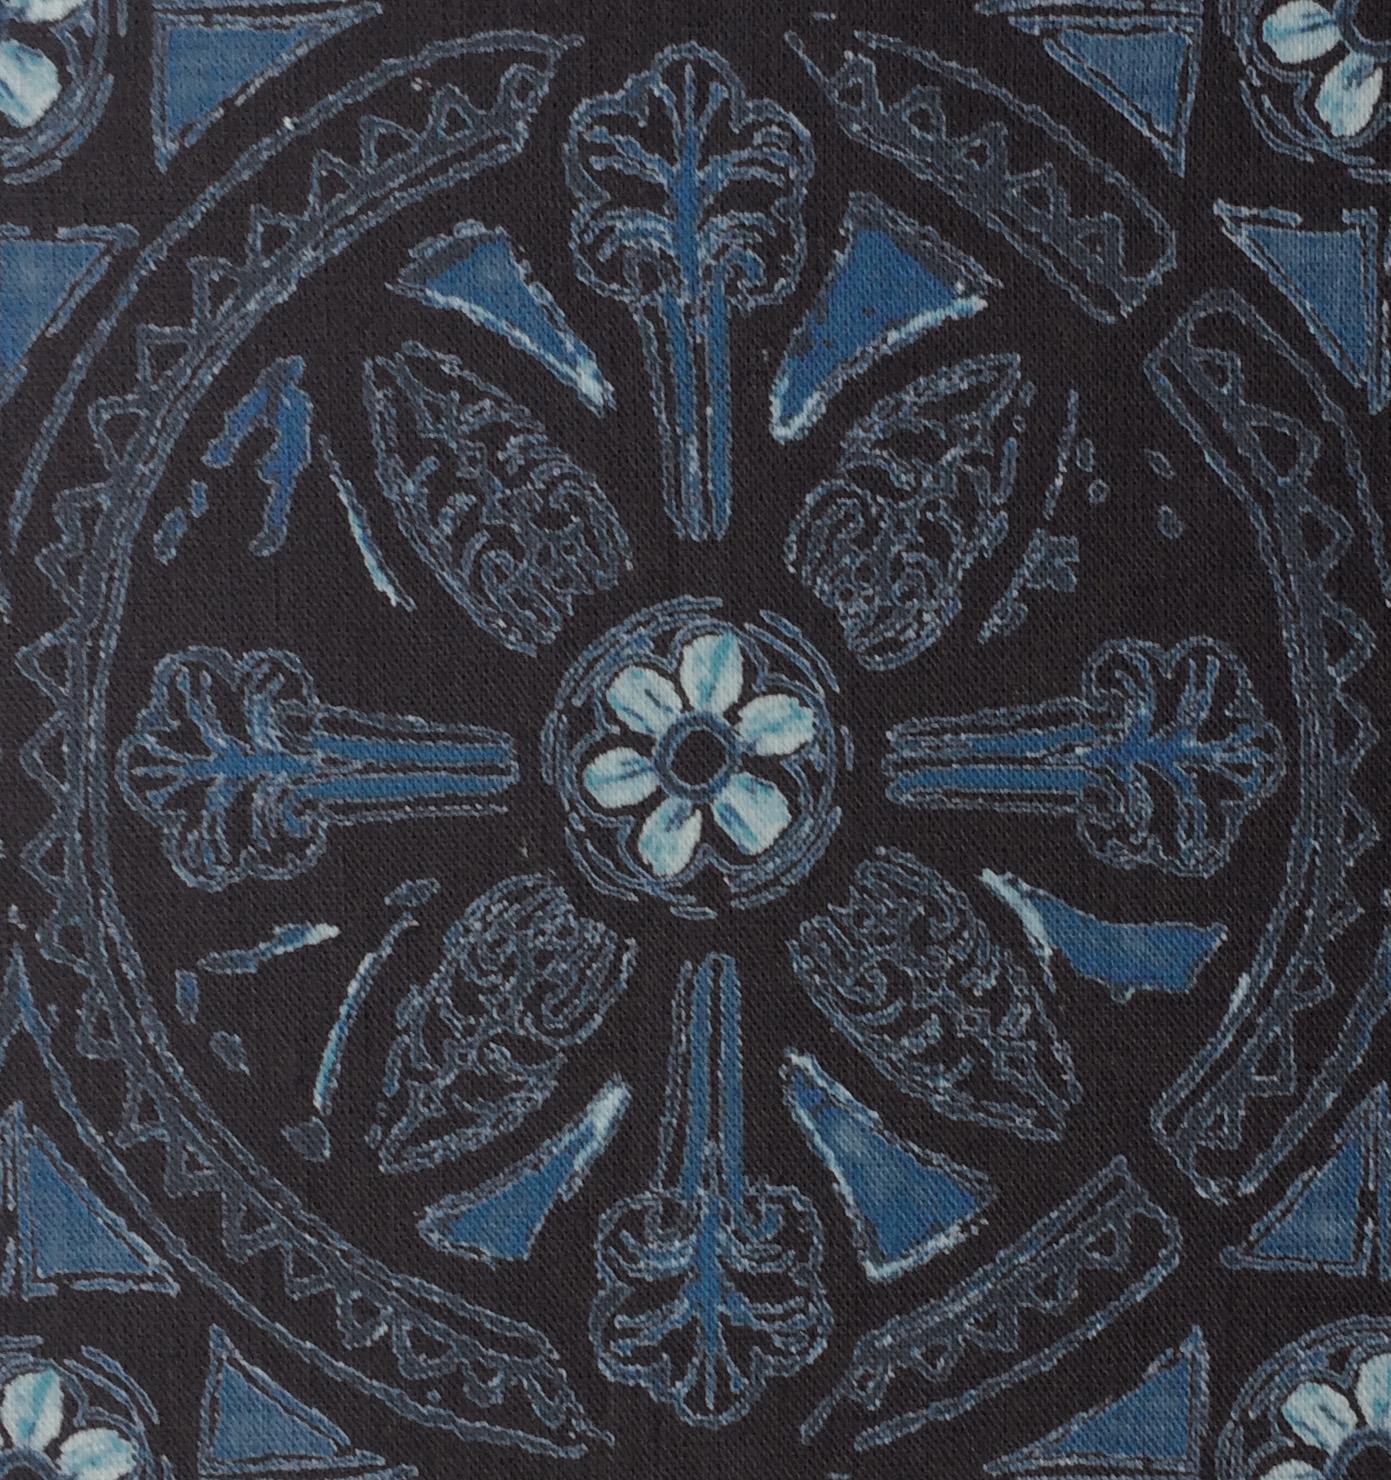 Grand Circle Batik